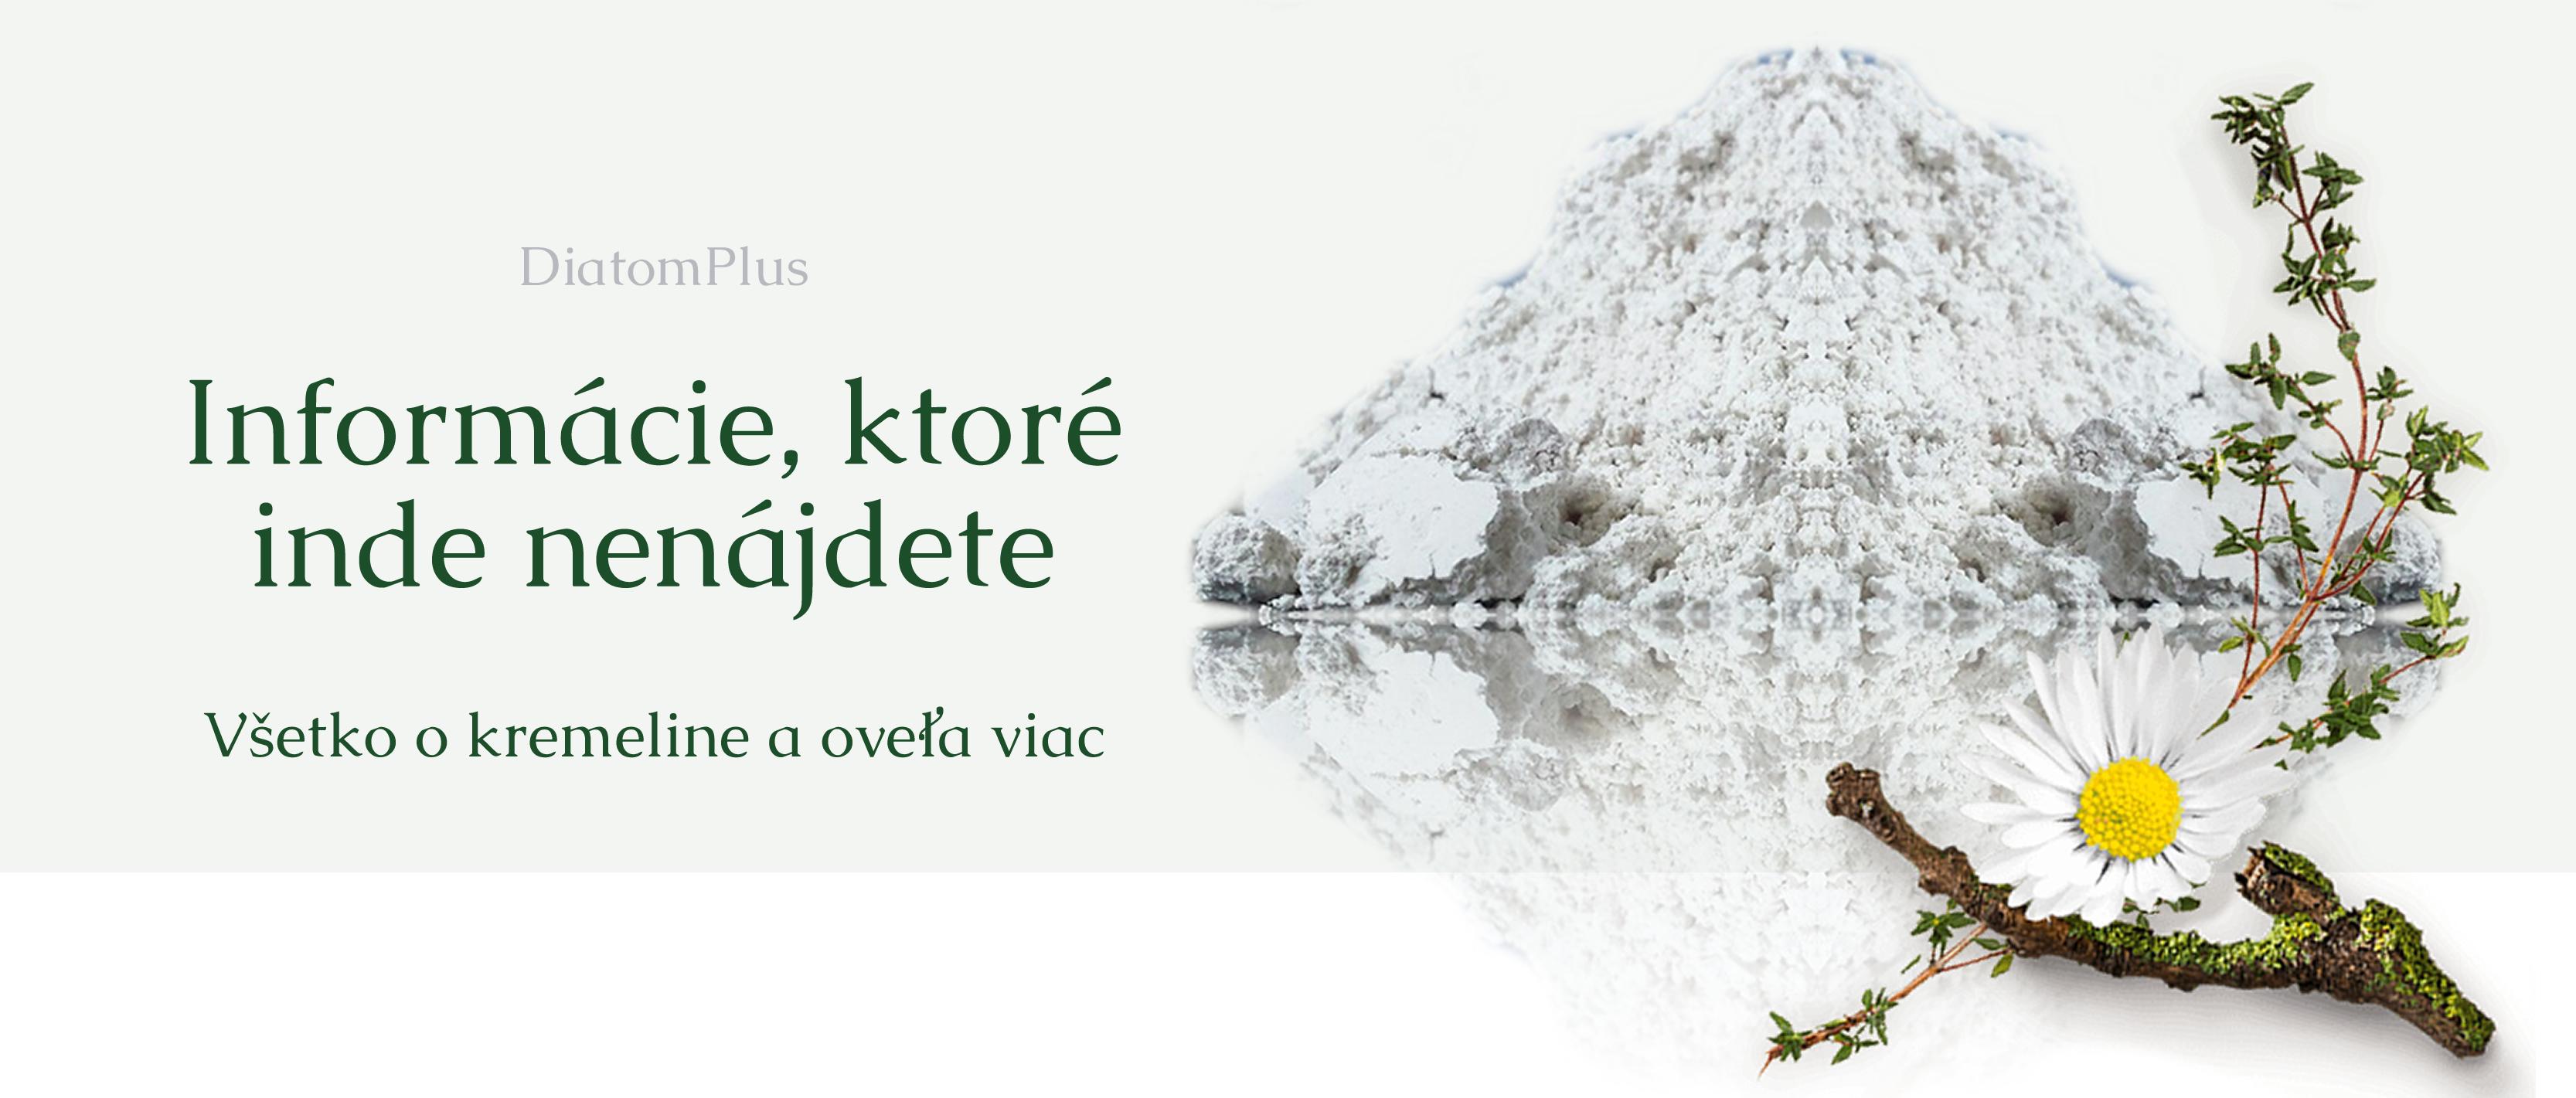 kremelina baner web home